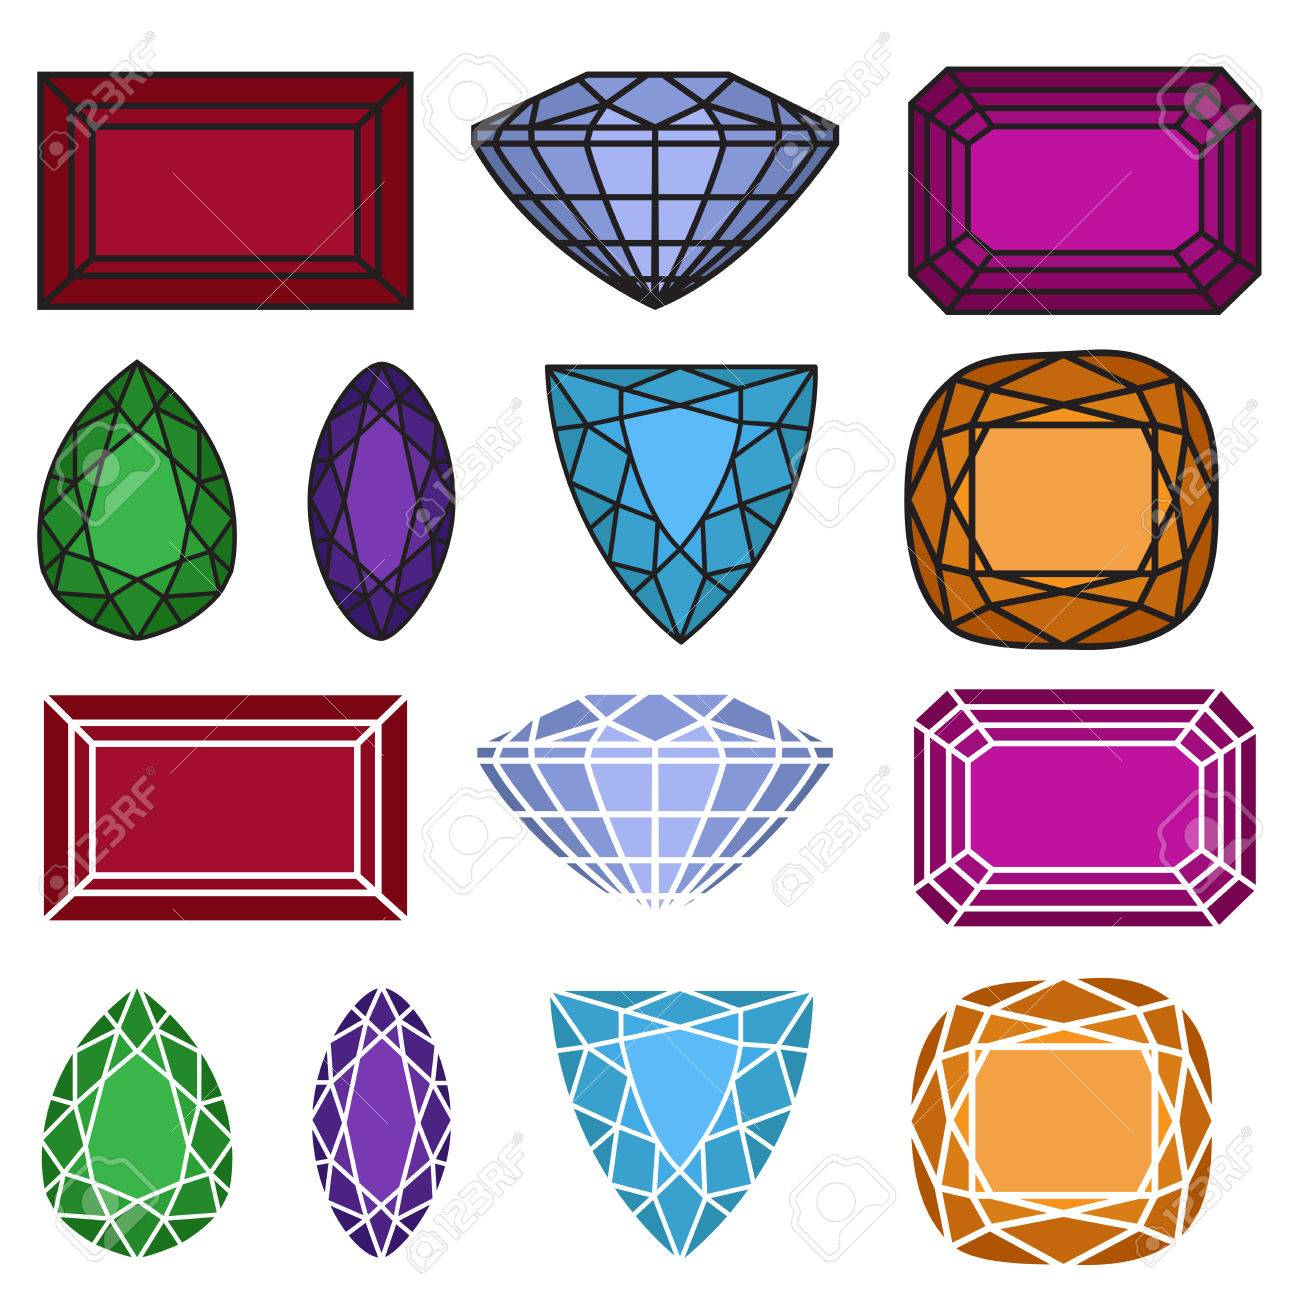 66cd52fbece3 Gemas. ilustración vectorial de piedras preciosas joyas conjunto.